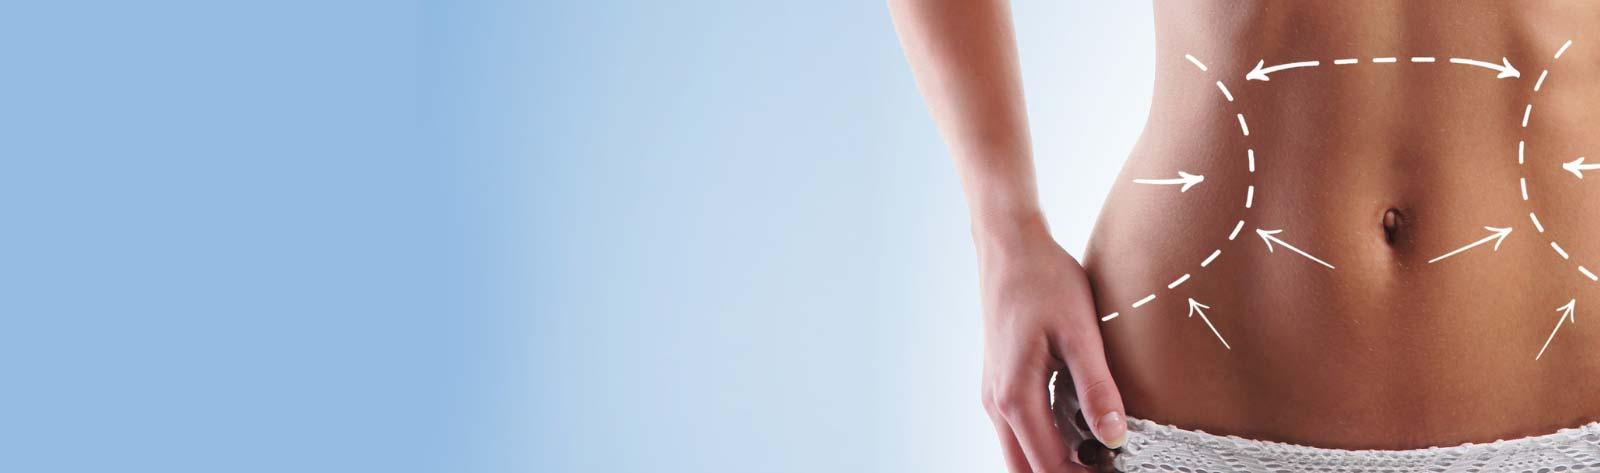 5 sposobów na osiągnięcie naturalnych efektów liposukcji